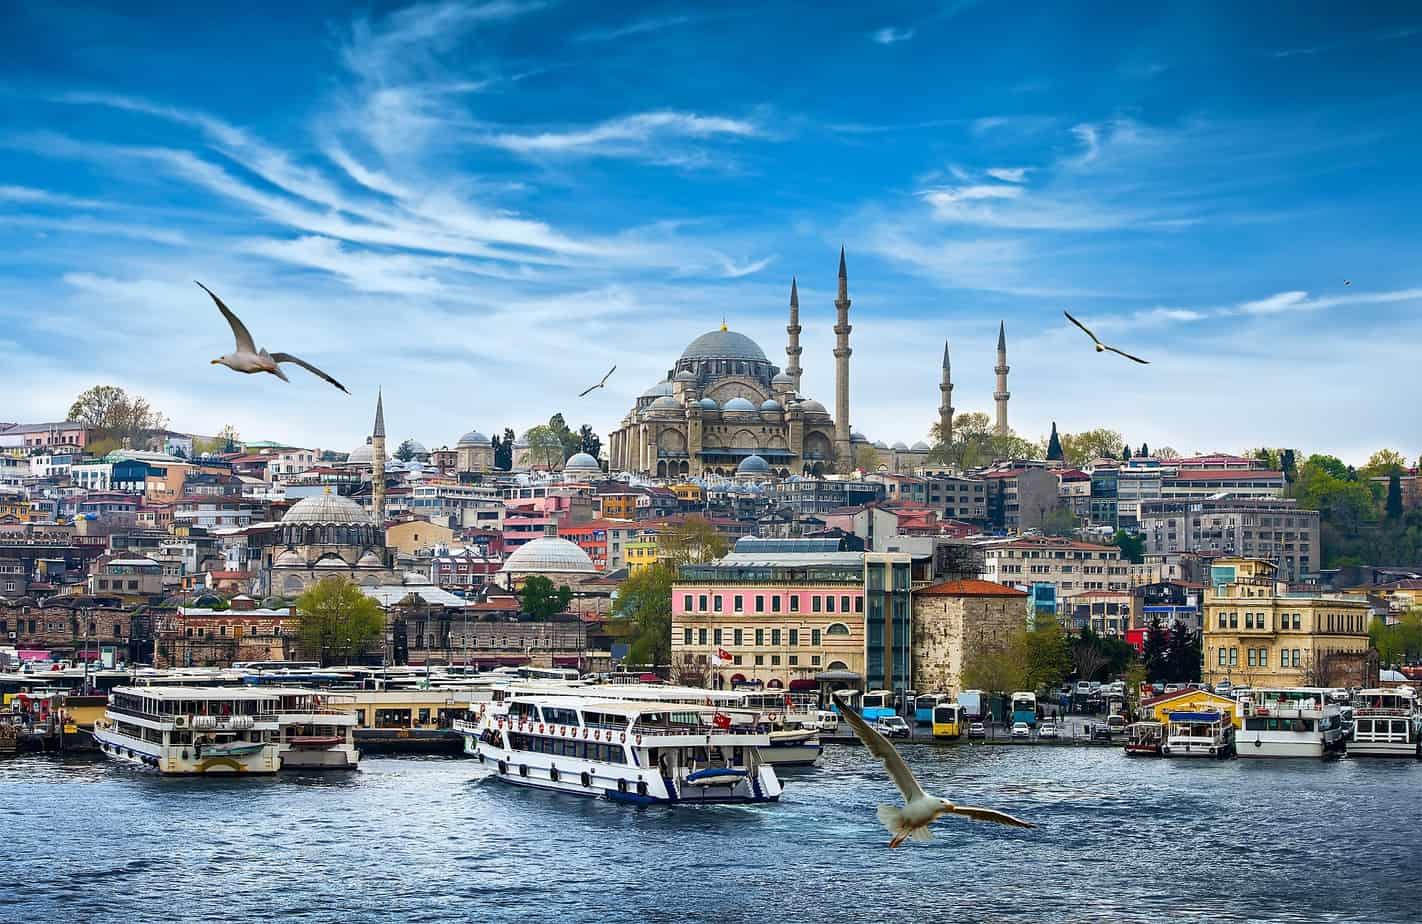 تقرير مصور عن فندق ماي بيد اسطنبول